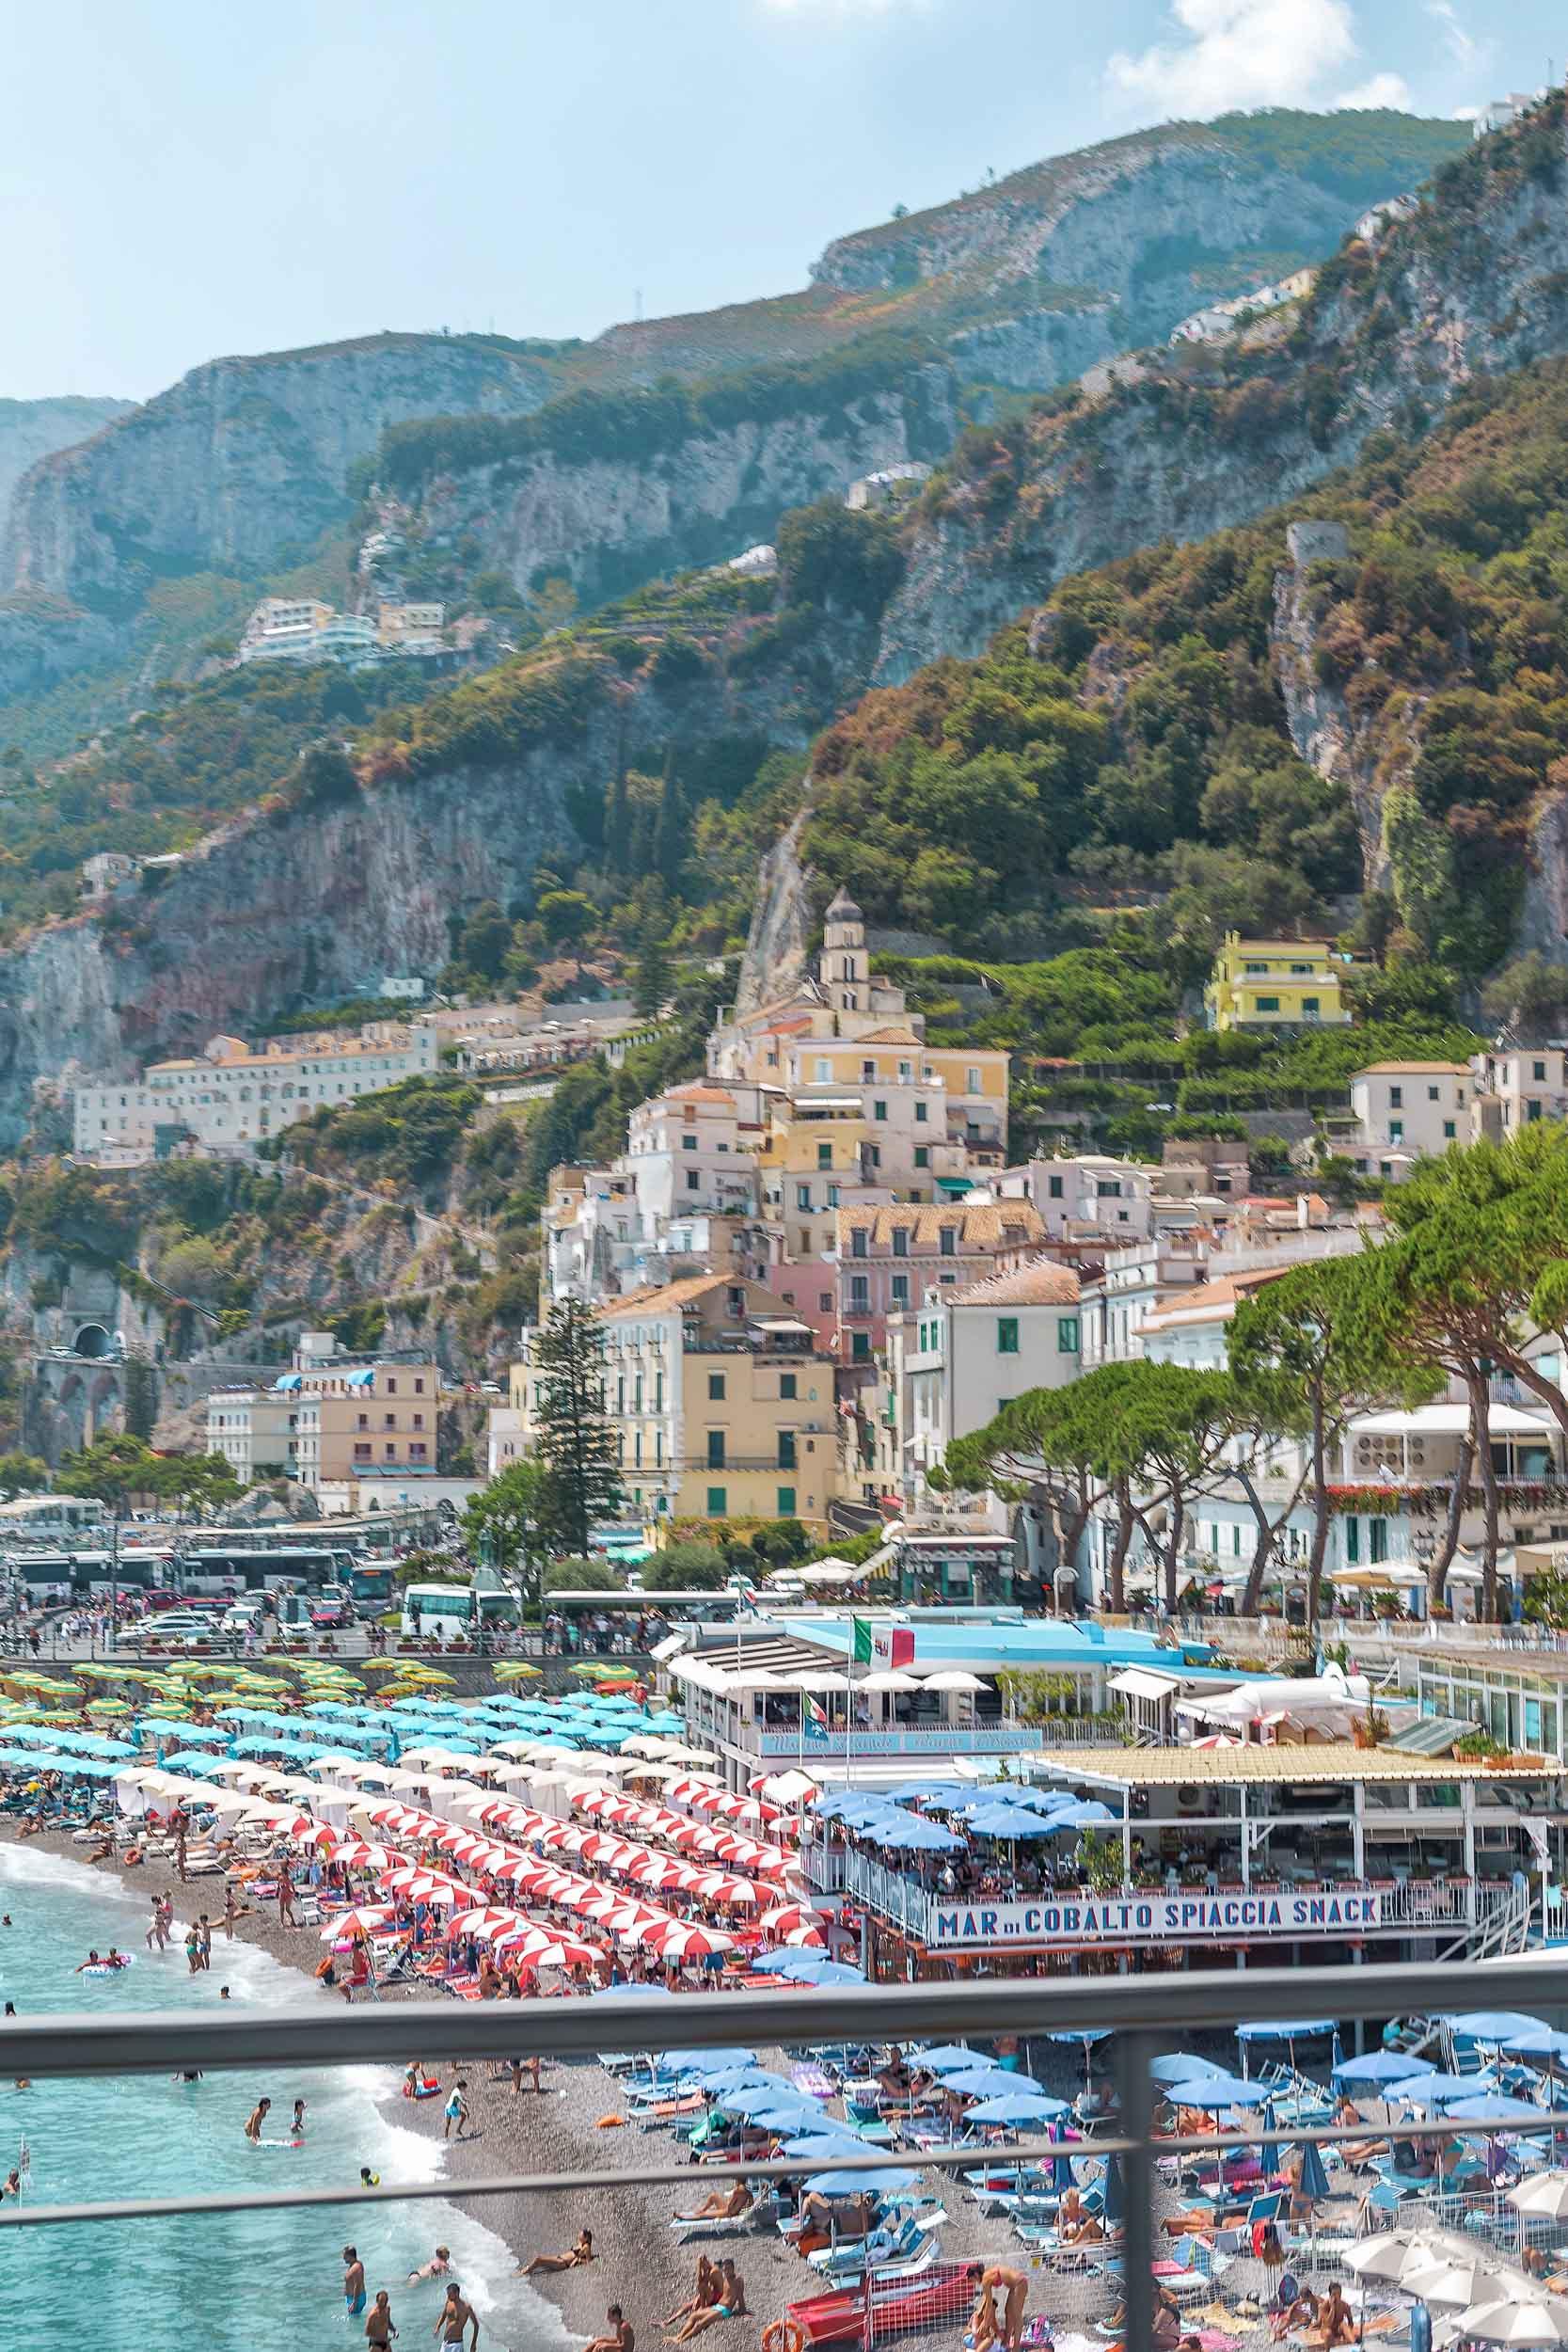 The beach in Amalfi